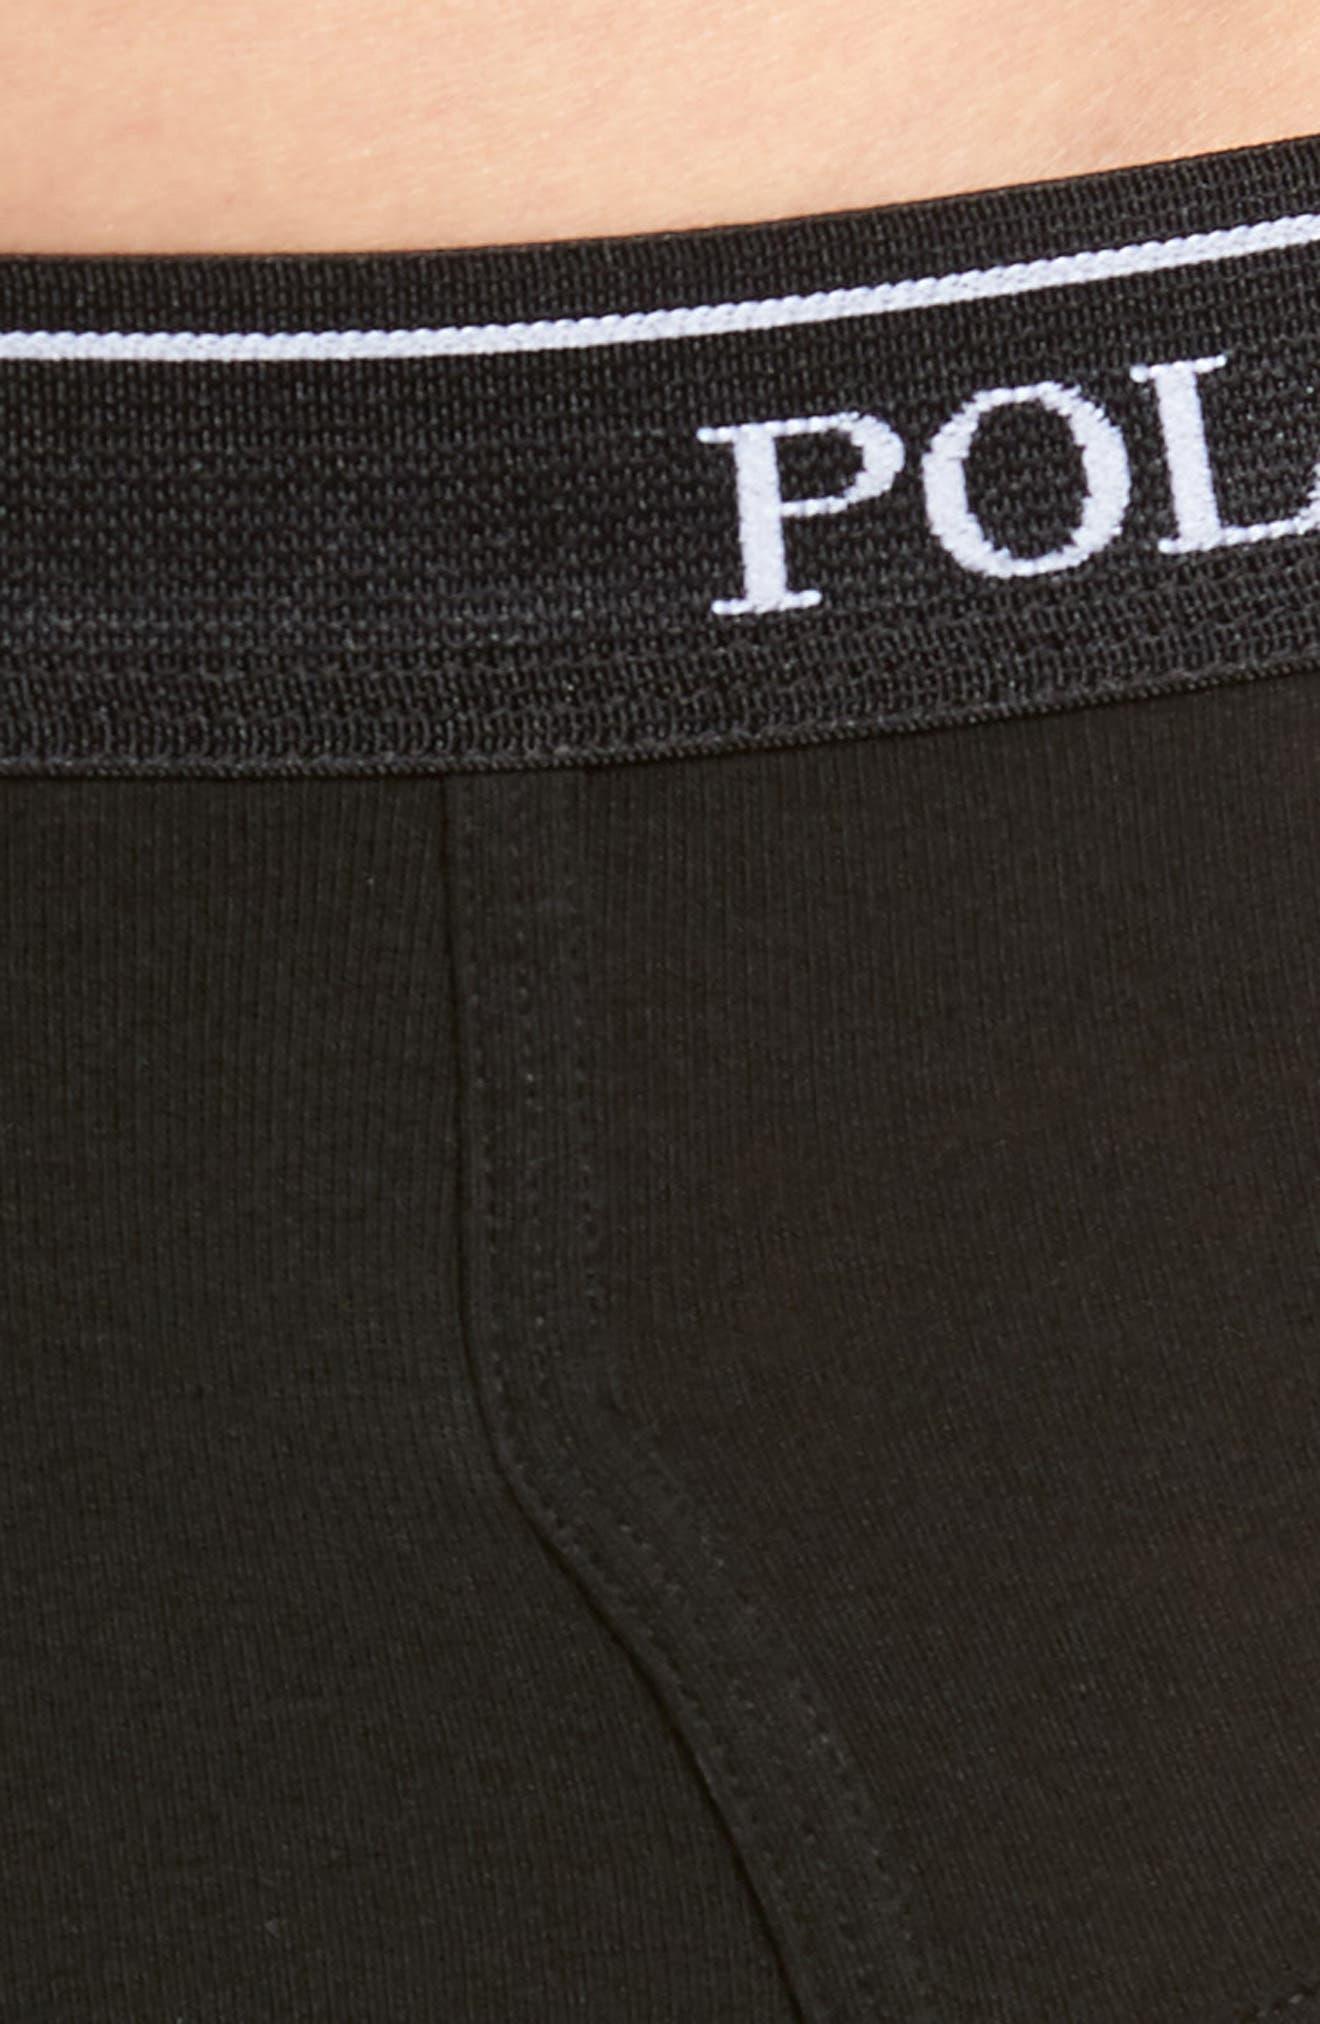 Polo Ralph Lauren 4-Pack Low Rise Cotton Briefs,                             Alternate thumbnail 5, color,                             POLO BLACK